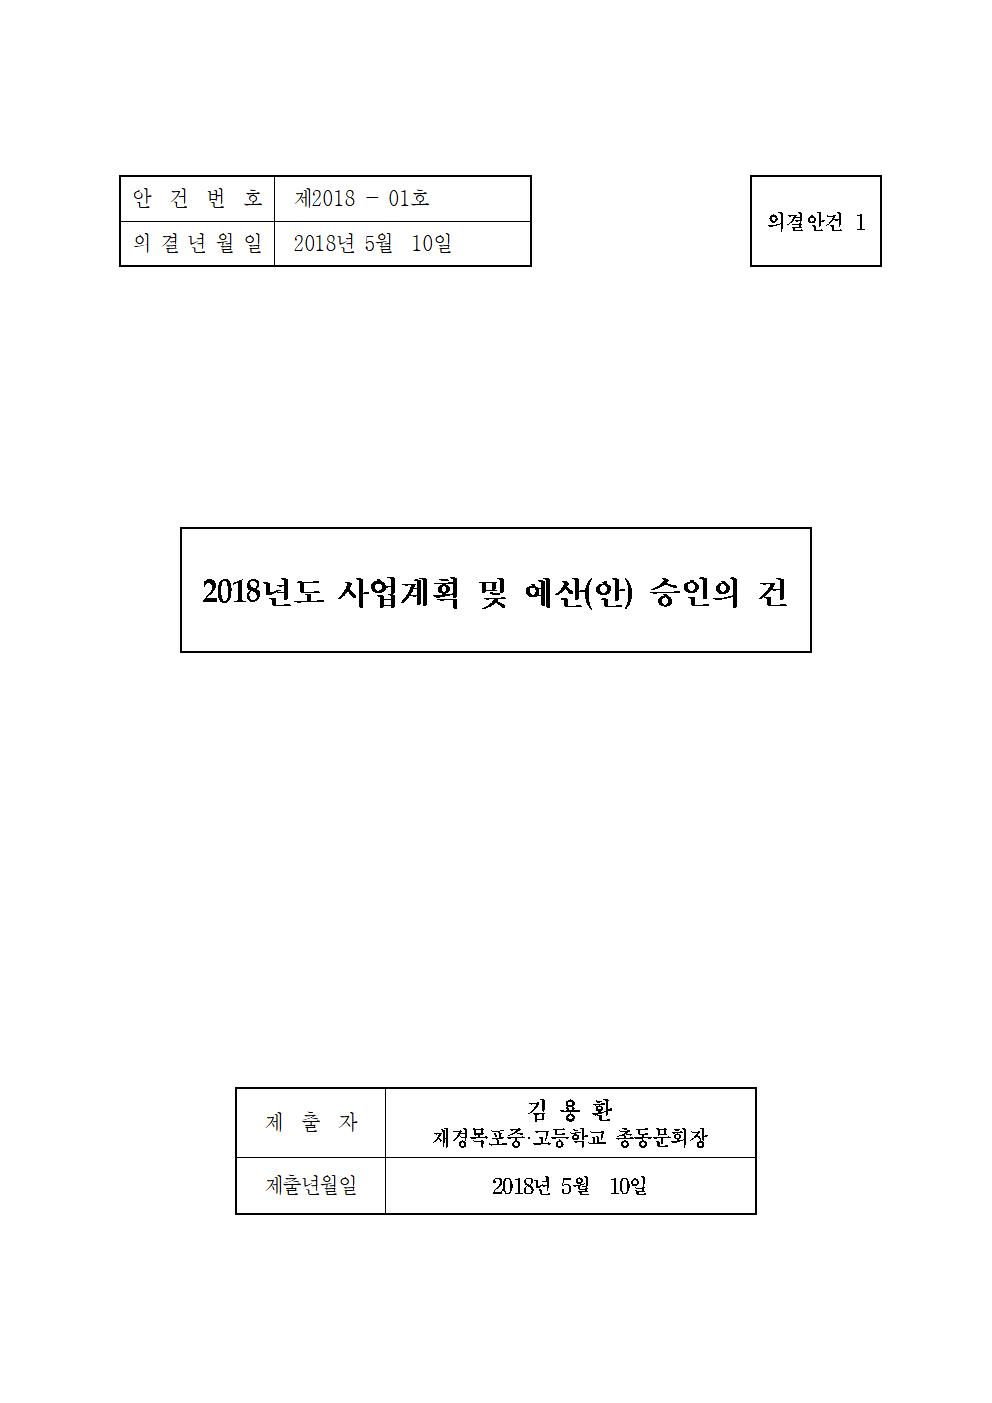 2018년도 제2차 대의원 회의 자료005.png